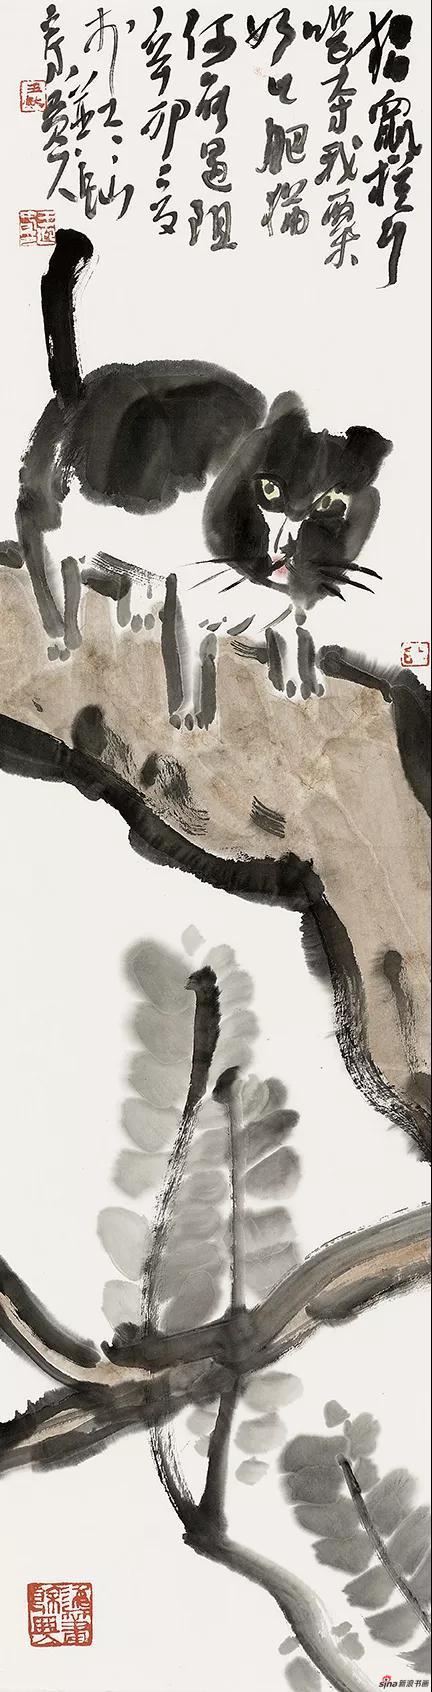 王迎春作品《何能遇阻》24cm × 92cm 2018